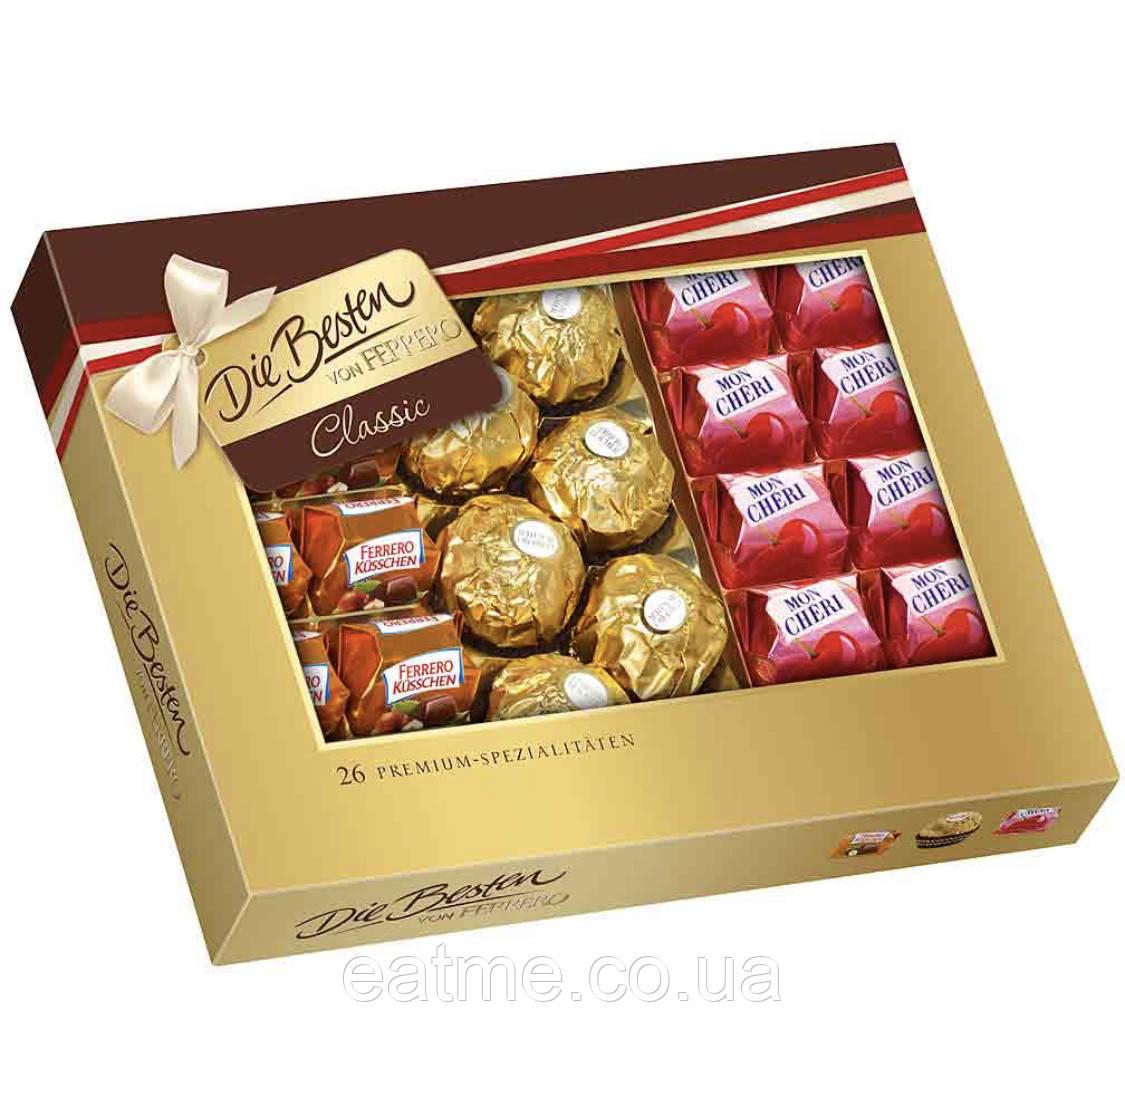 Die Besten von Ferrero Classic Невероятный набор конфет Ferrero